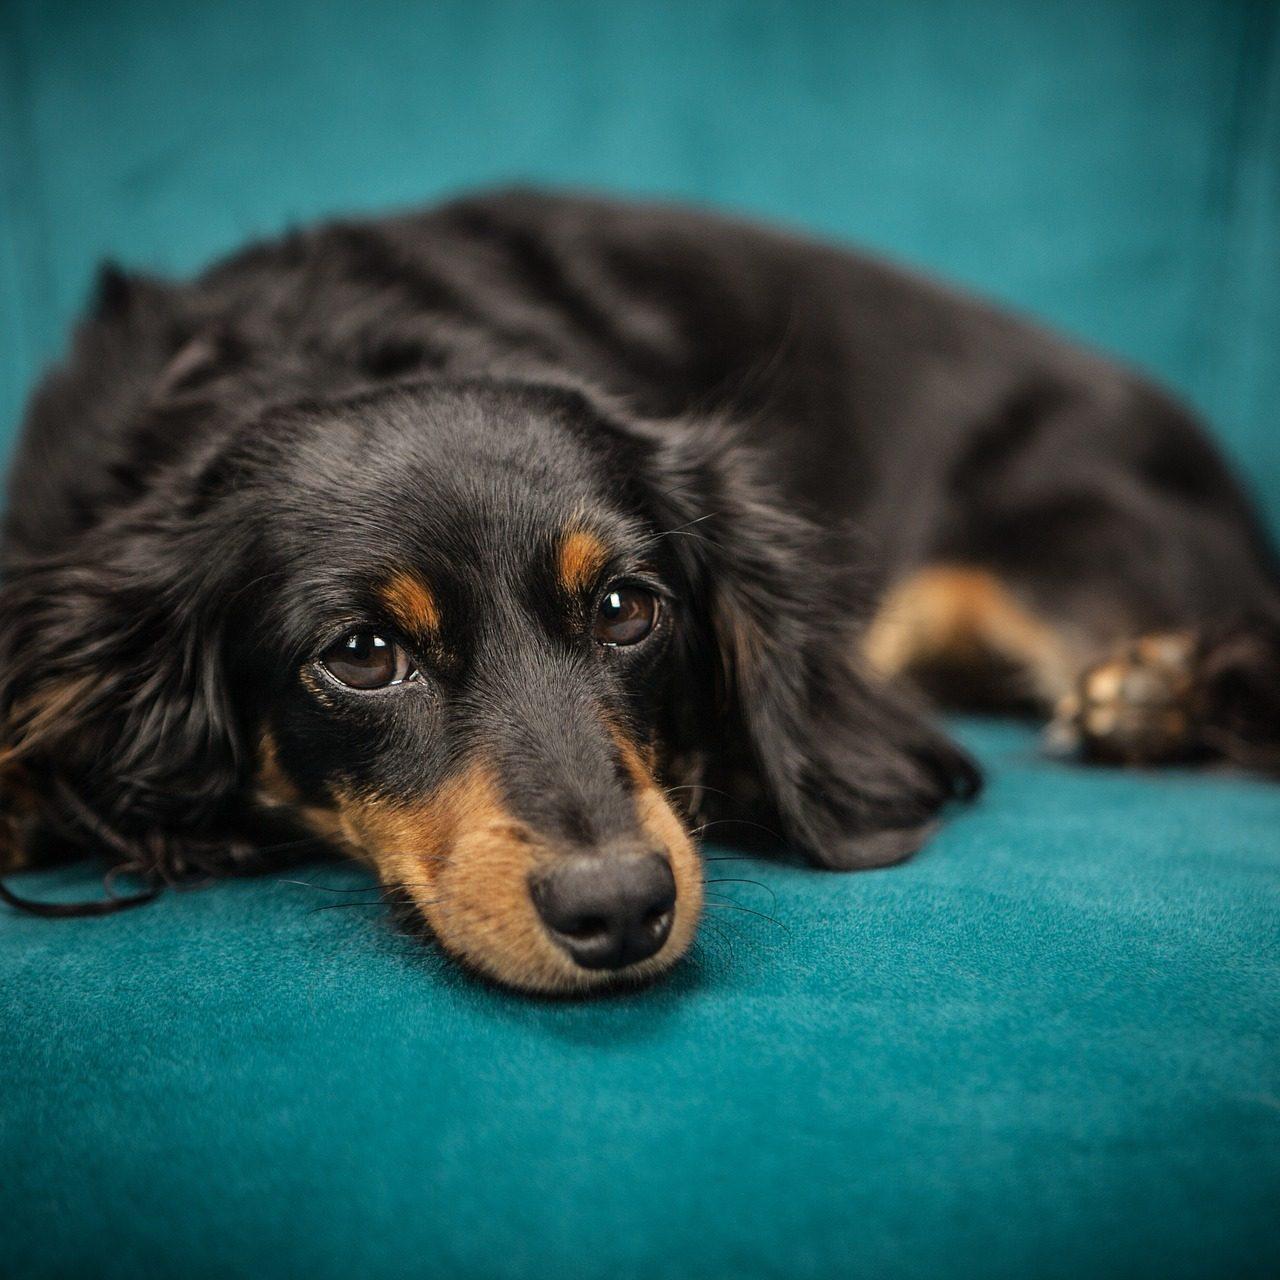 dog-2561134_1920